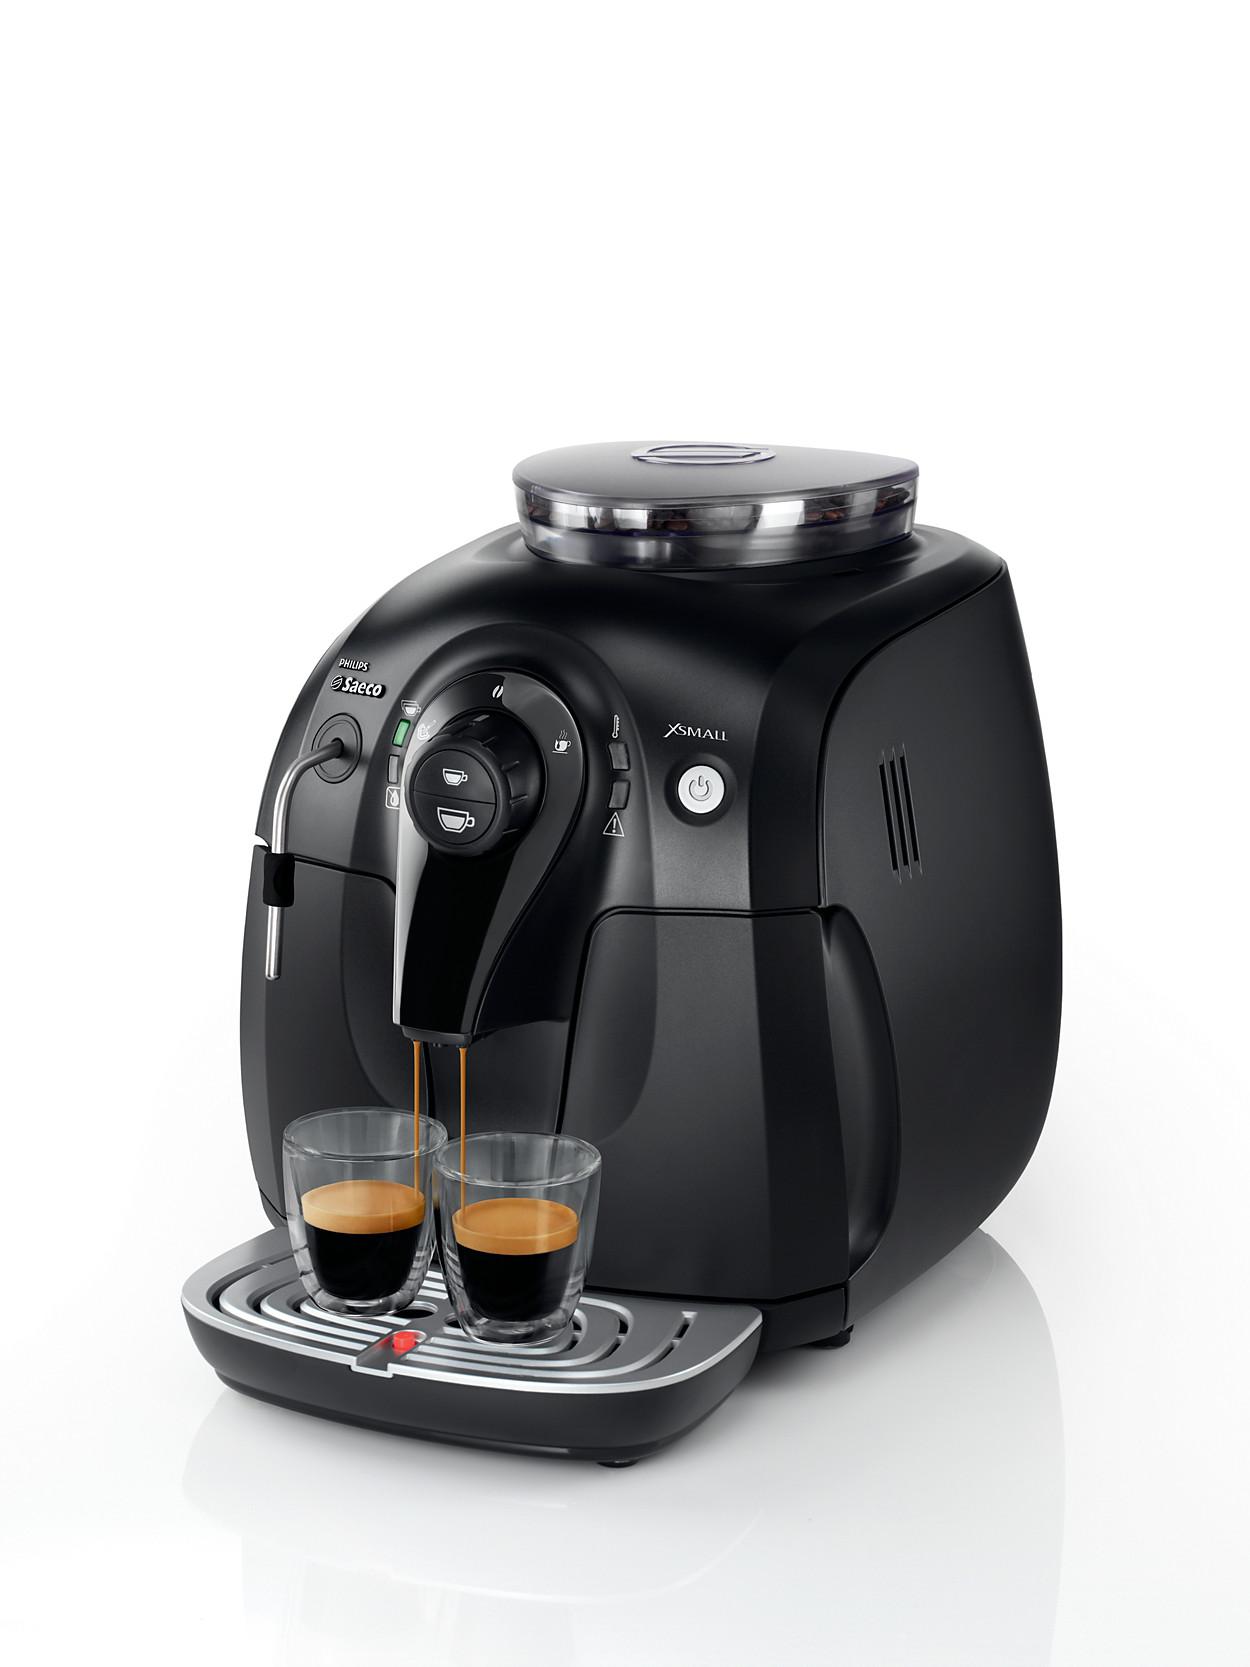 Xsmall Super Automatic Espresso Machine Hd8743 11 Saeco